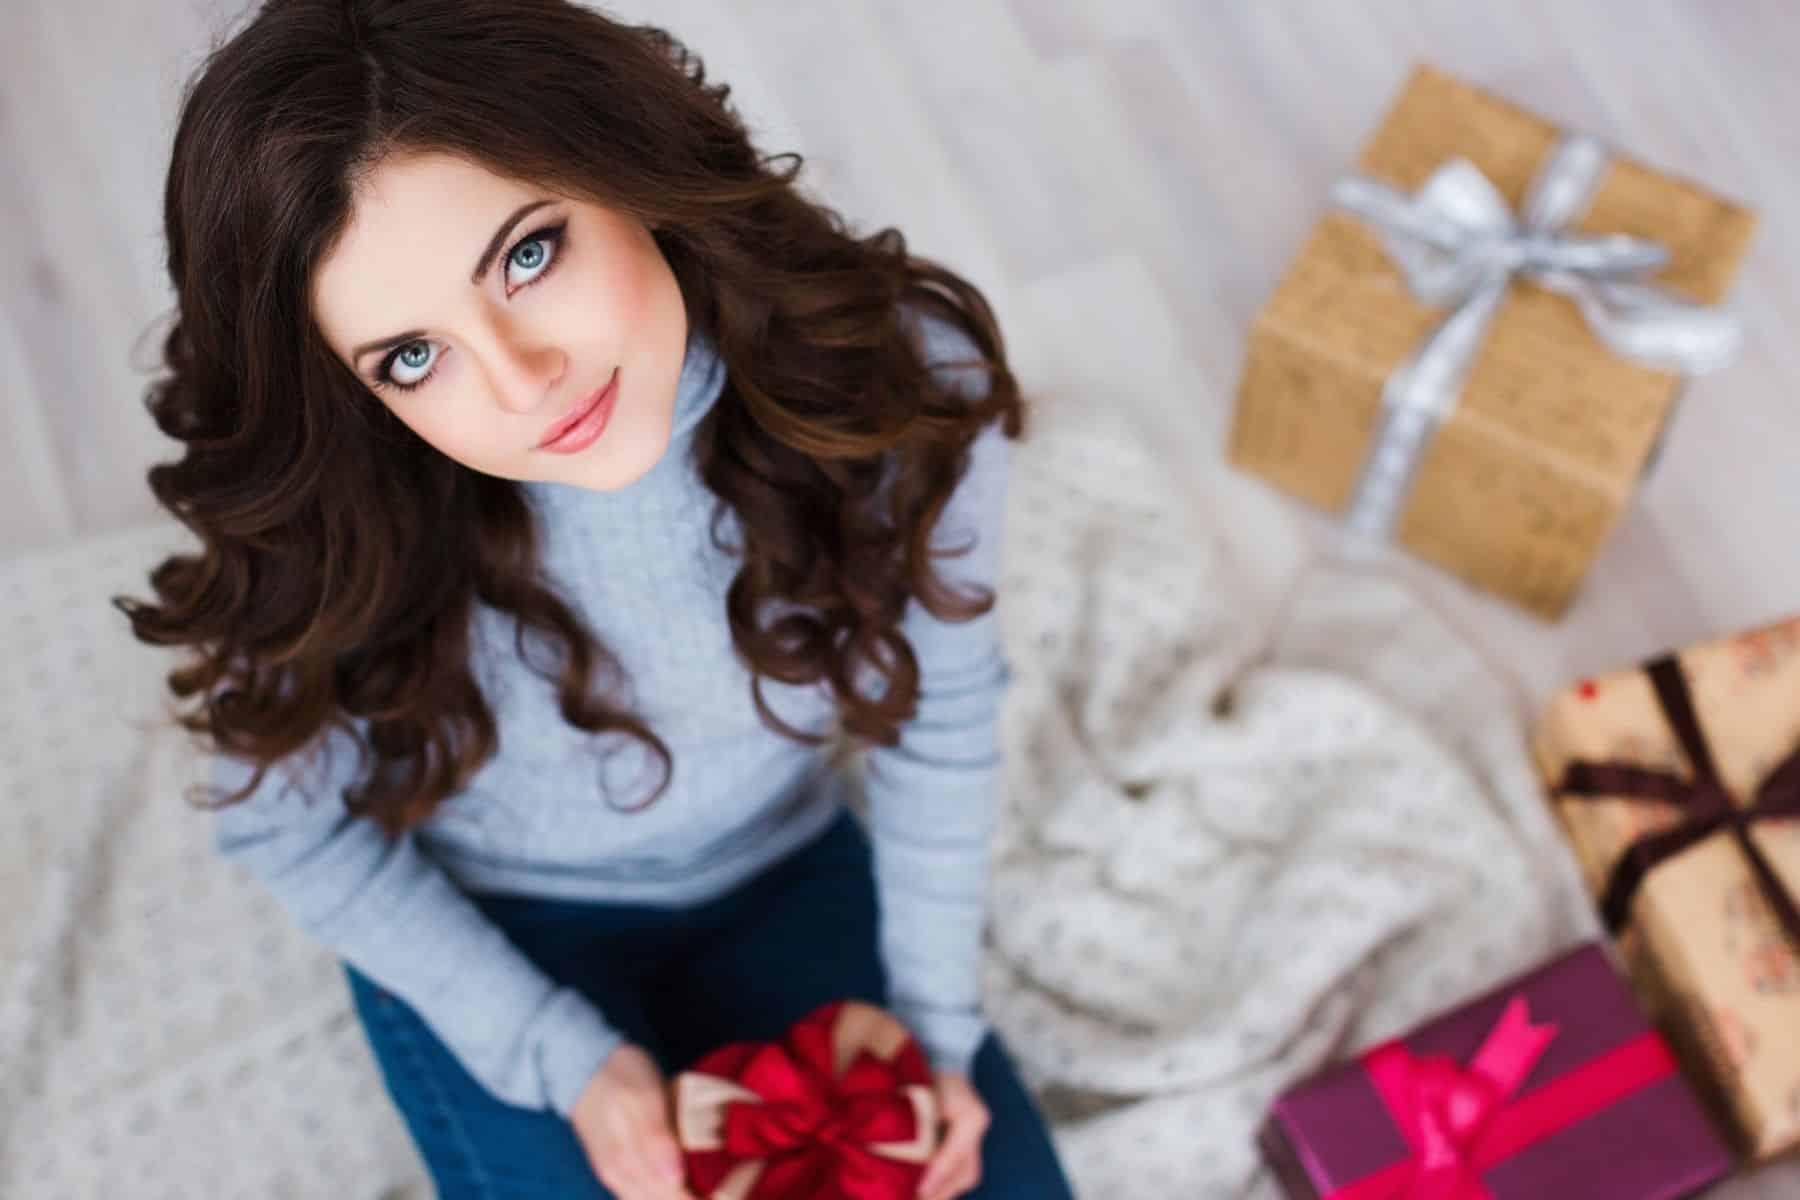 Cadeaux sensuels pour Noel